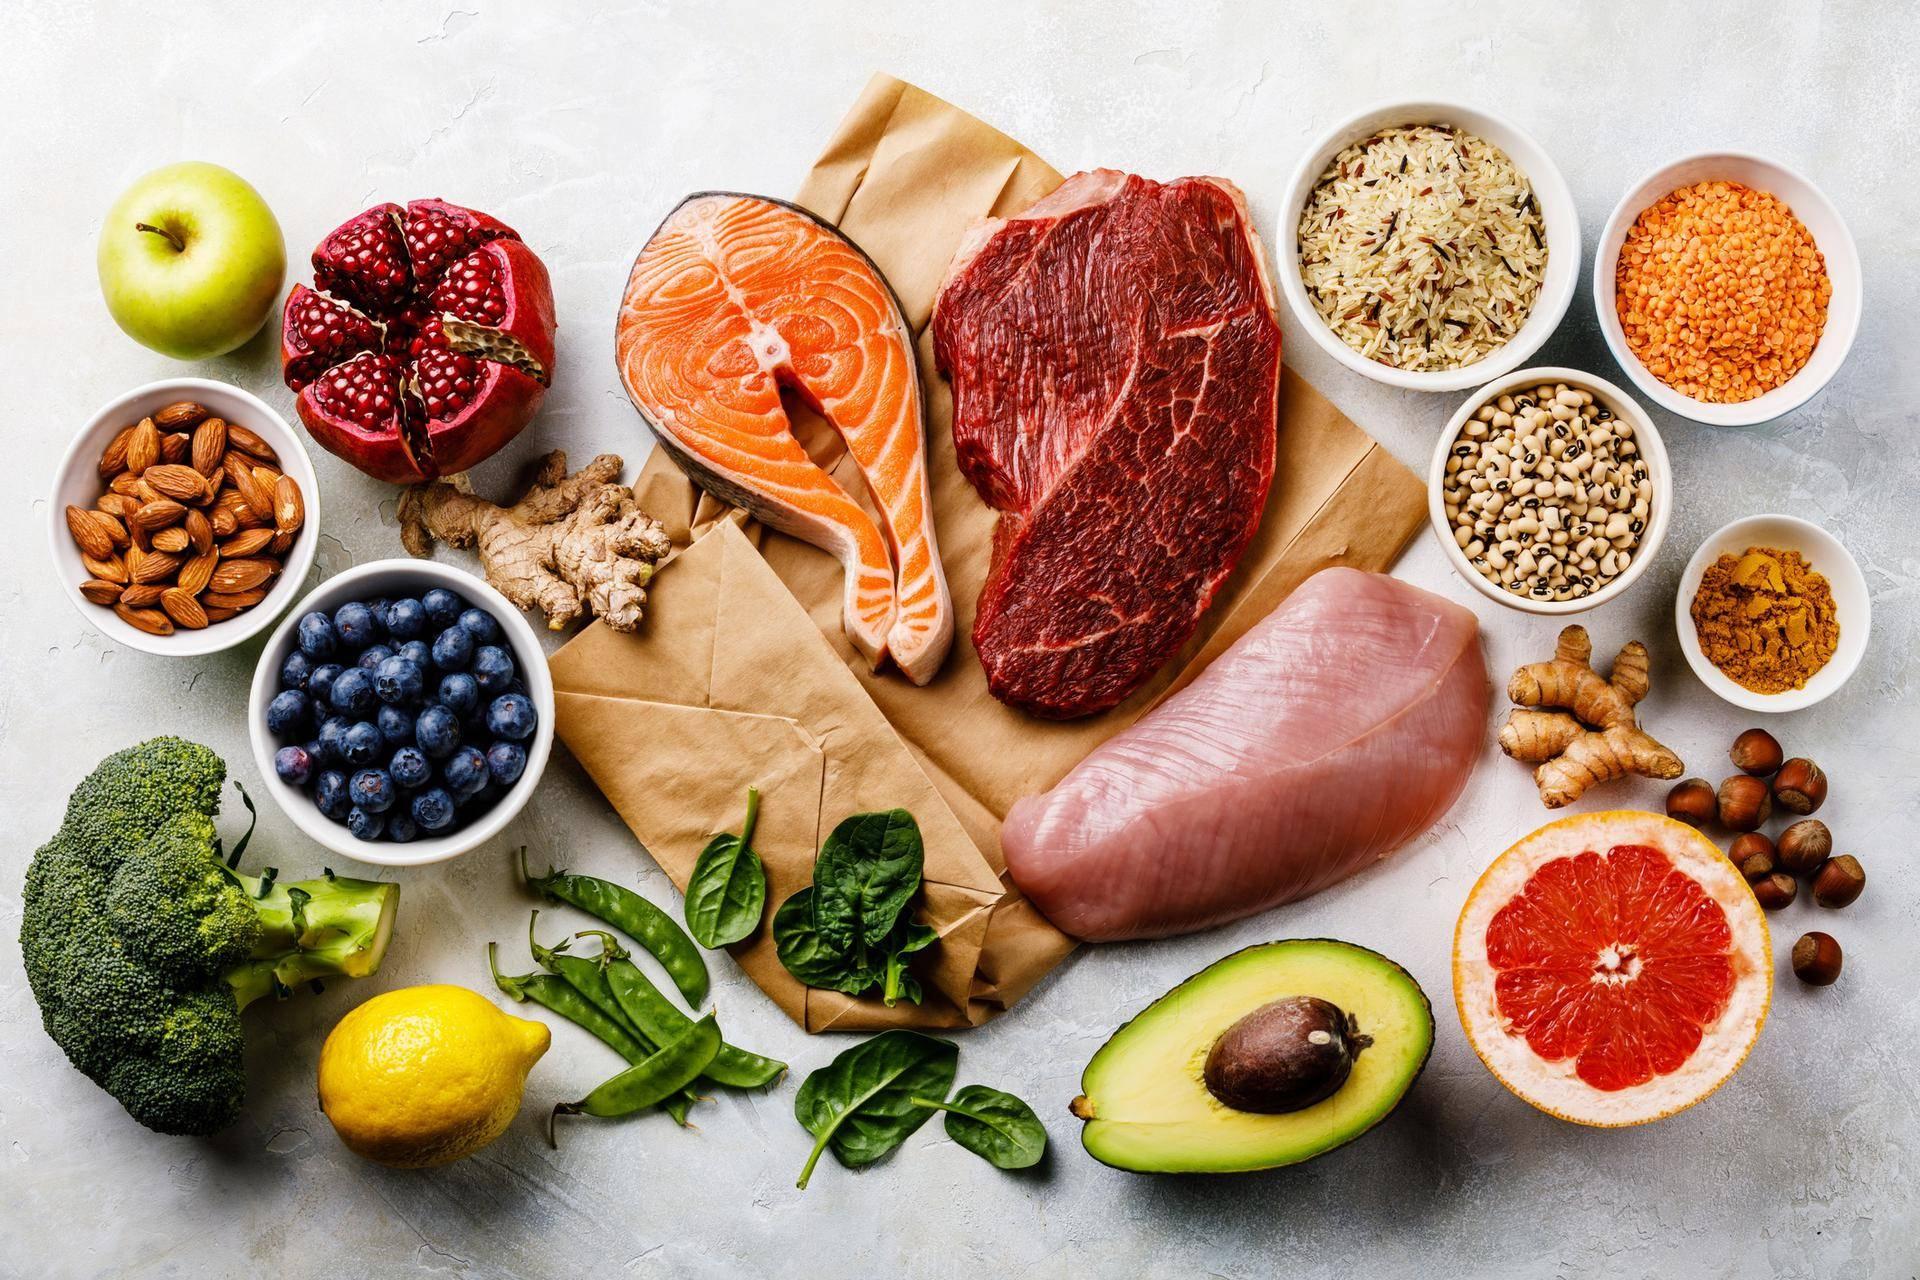 Как набрать массу тела? комплексная программа по повышению веса для людей с недостатком массы тела (1-2 неделя).  :: polismed.com